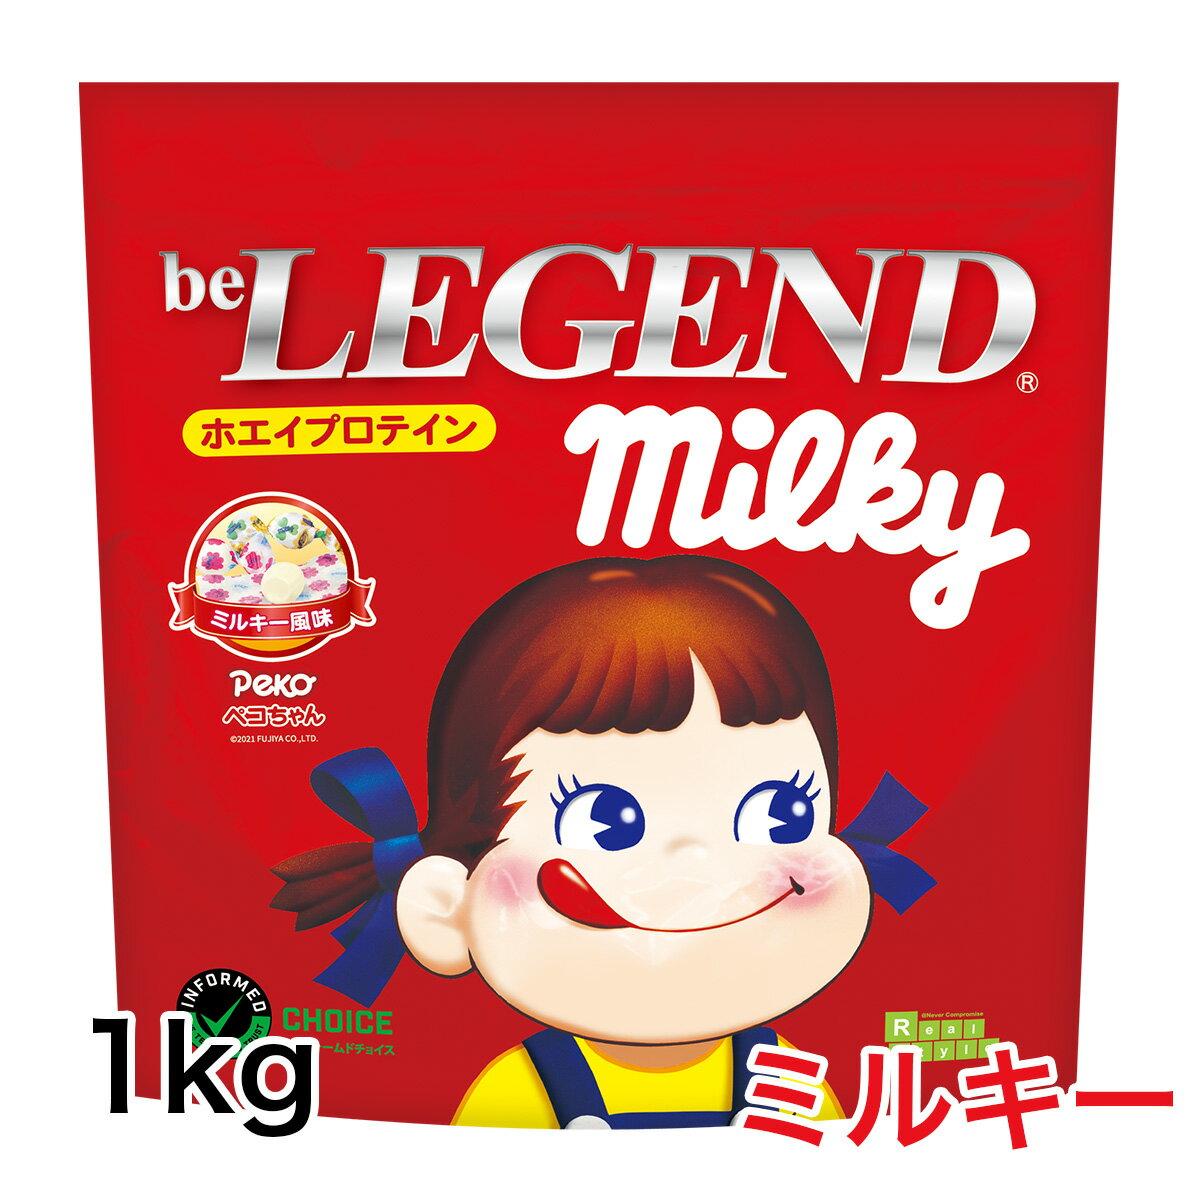 ビーレジェンド プロテイン ペコちゃん ミルキー風味1kg(be LEGEND ホエイプロテイン)【オススメ】